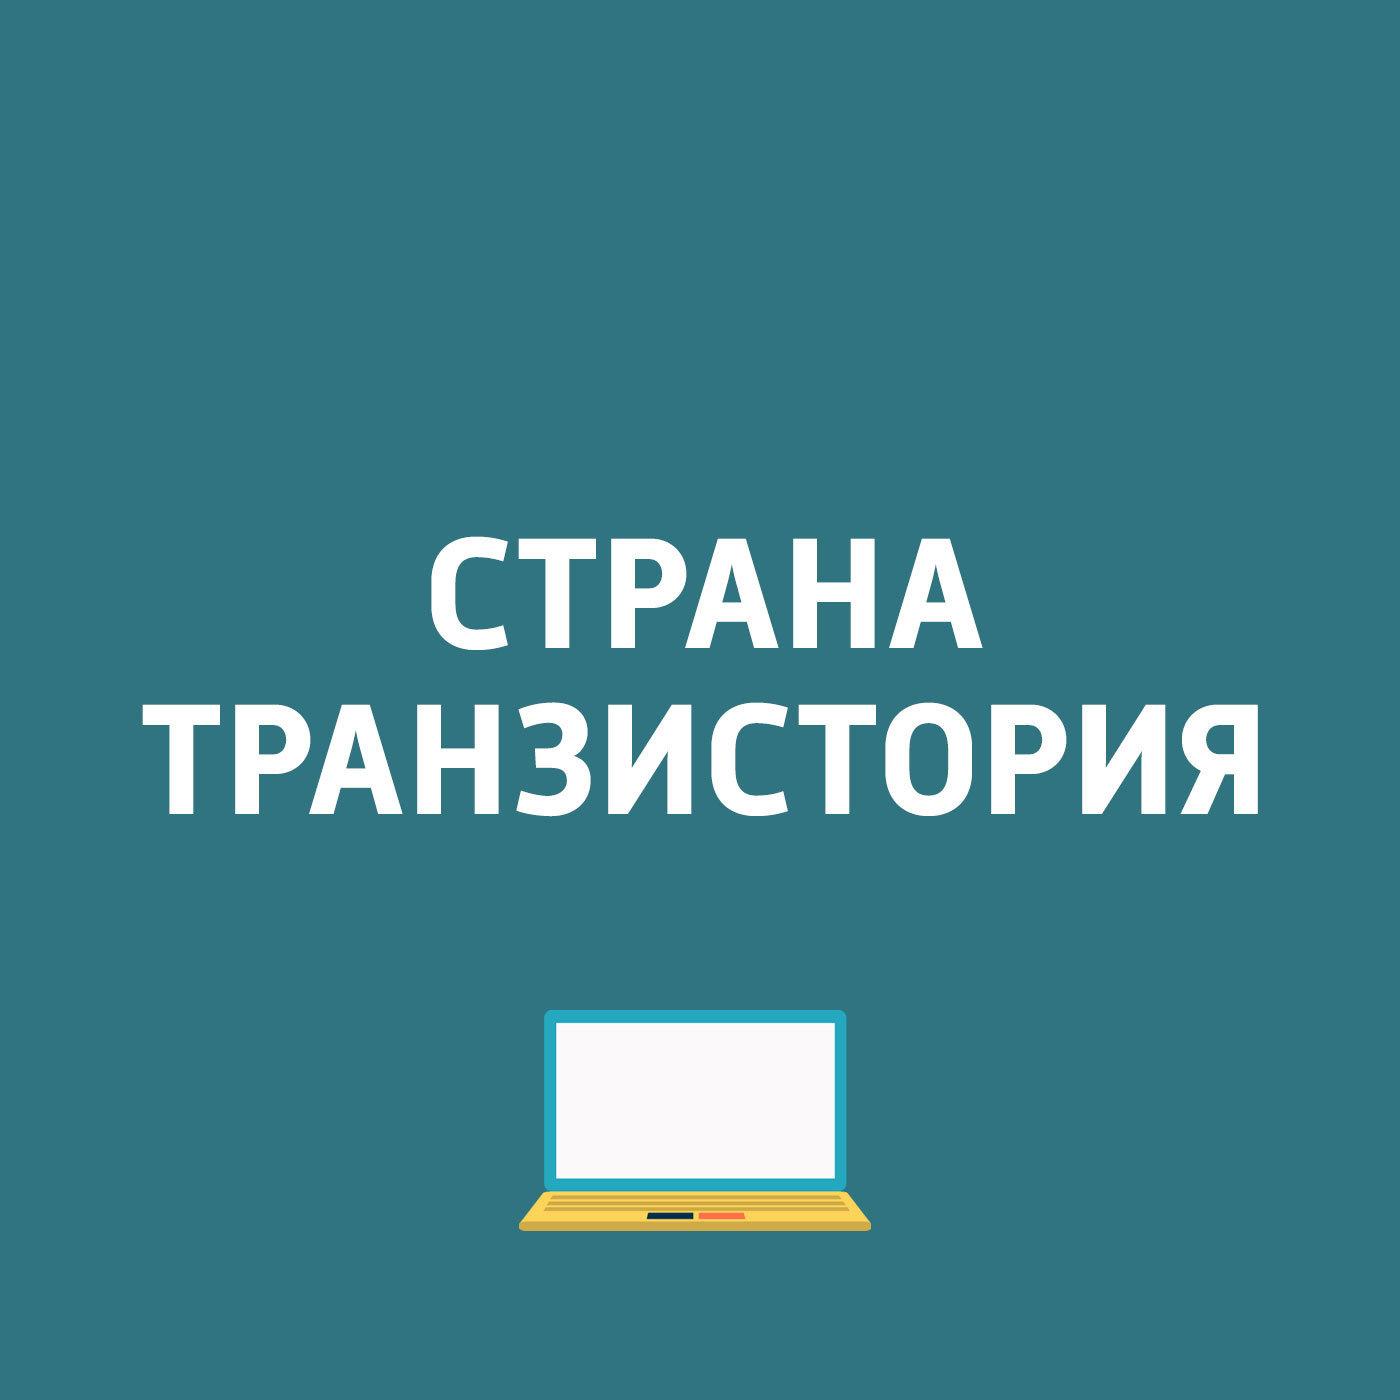 Картаев Павел Vernee представила смартфон; Выявлена проблема в менеджере паролей Keeper; Google закрывает Tango; Трейлер «Восстание игры Far Cry 5 айфон 6